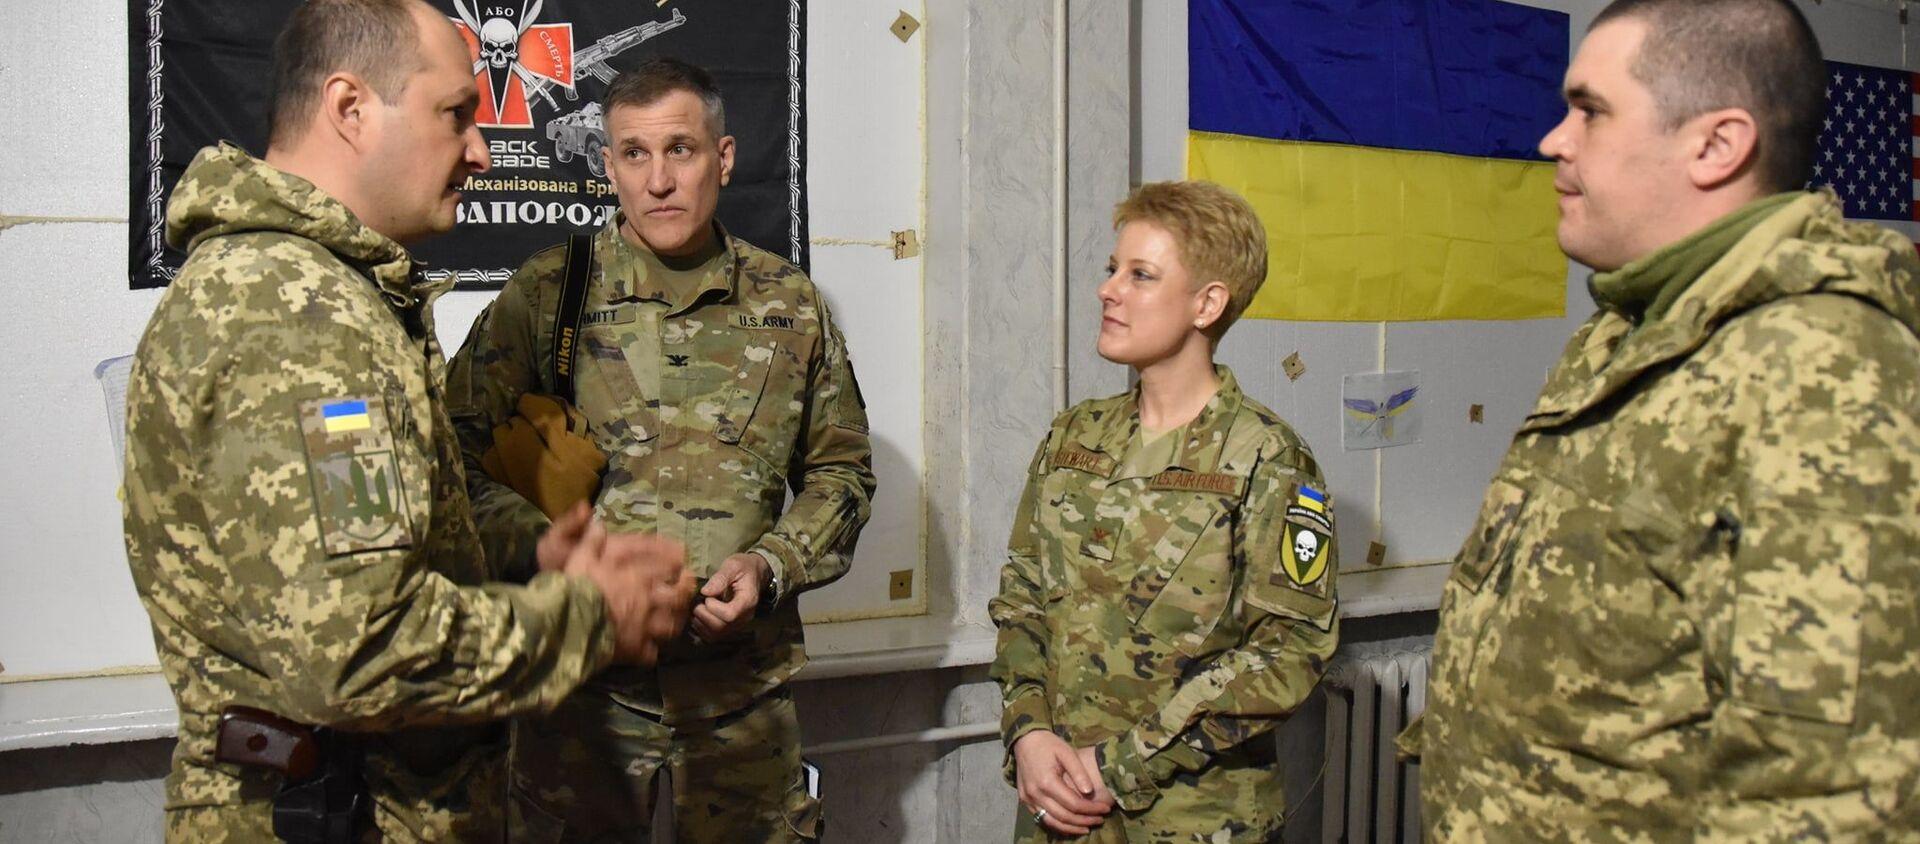 """Đại tá Brittany Stewart, trưởng phái đoàn Hoa Kỳ, Tùy viên Quân đội và Quốc phòng mặc áo có gắn sọc vải của lữ đoàn in hình đầu lâu và dòng chữ Ukraina hay là chết"""" - Sputnik Việt Nam, 1920, 09.04.2021"""